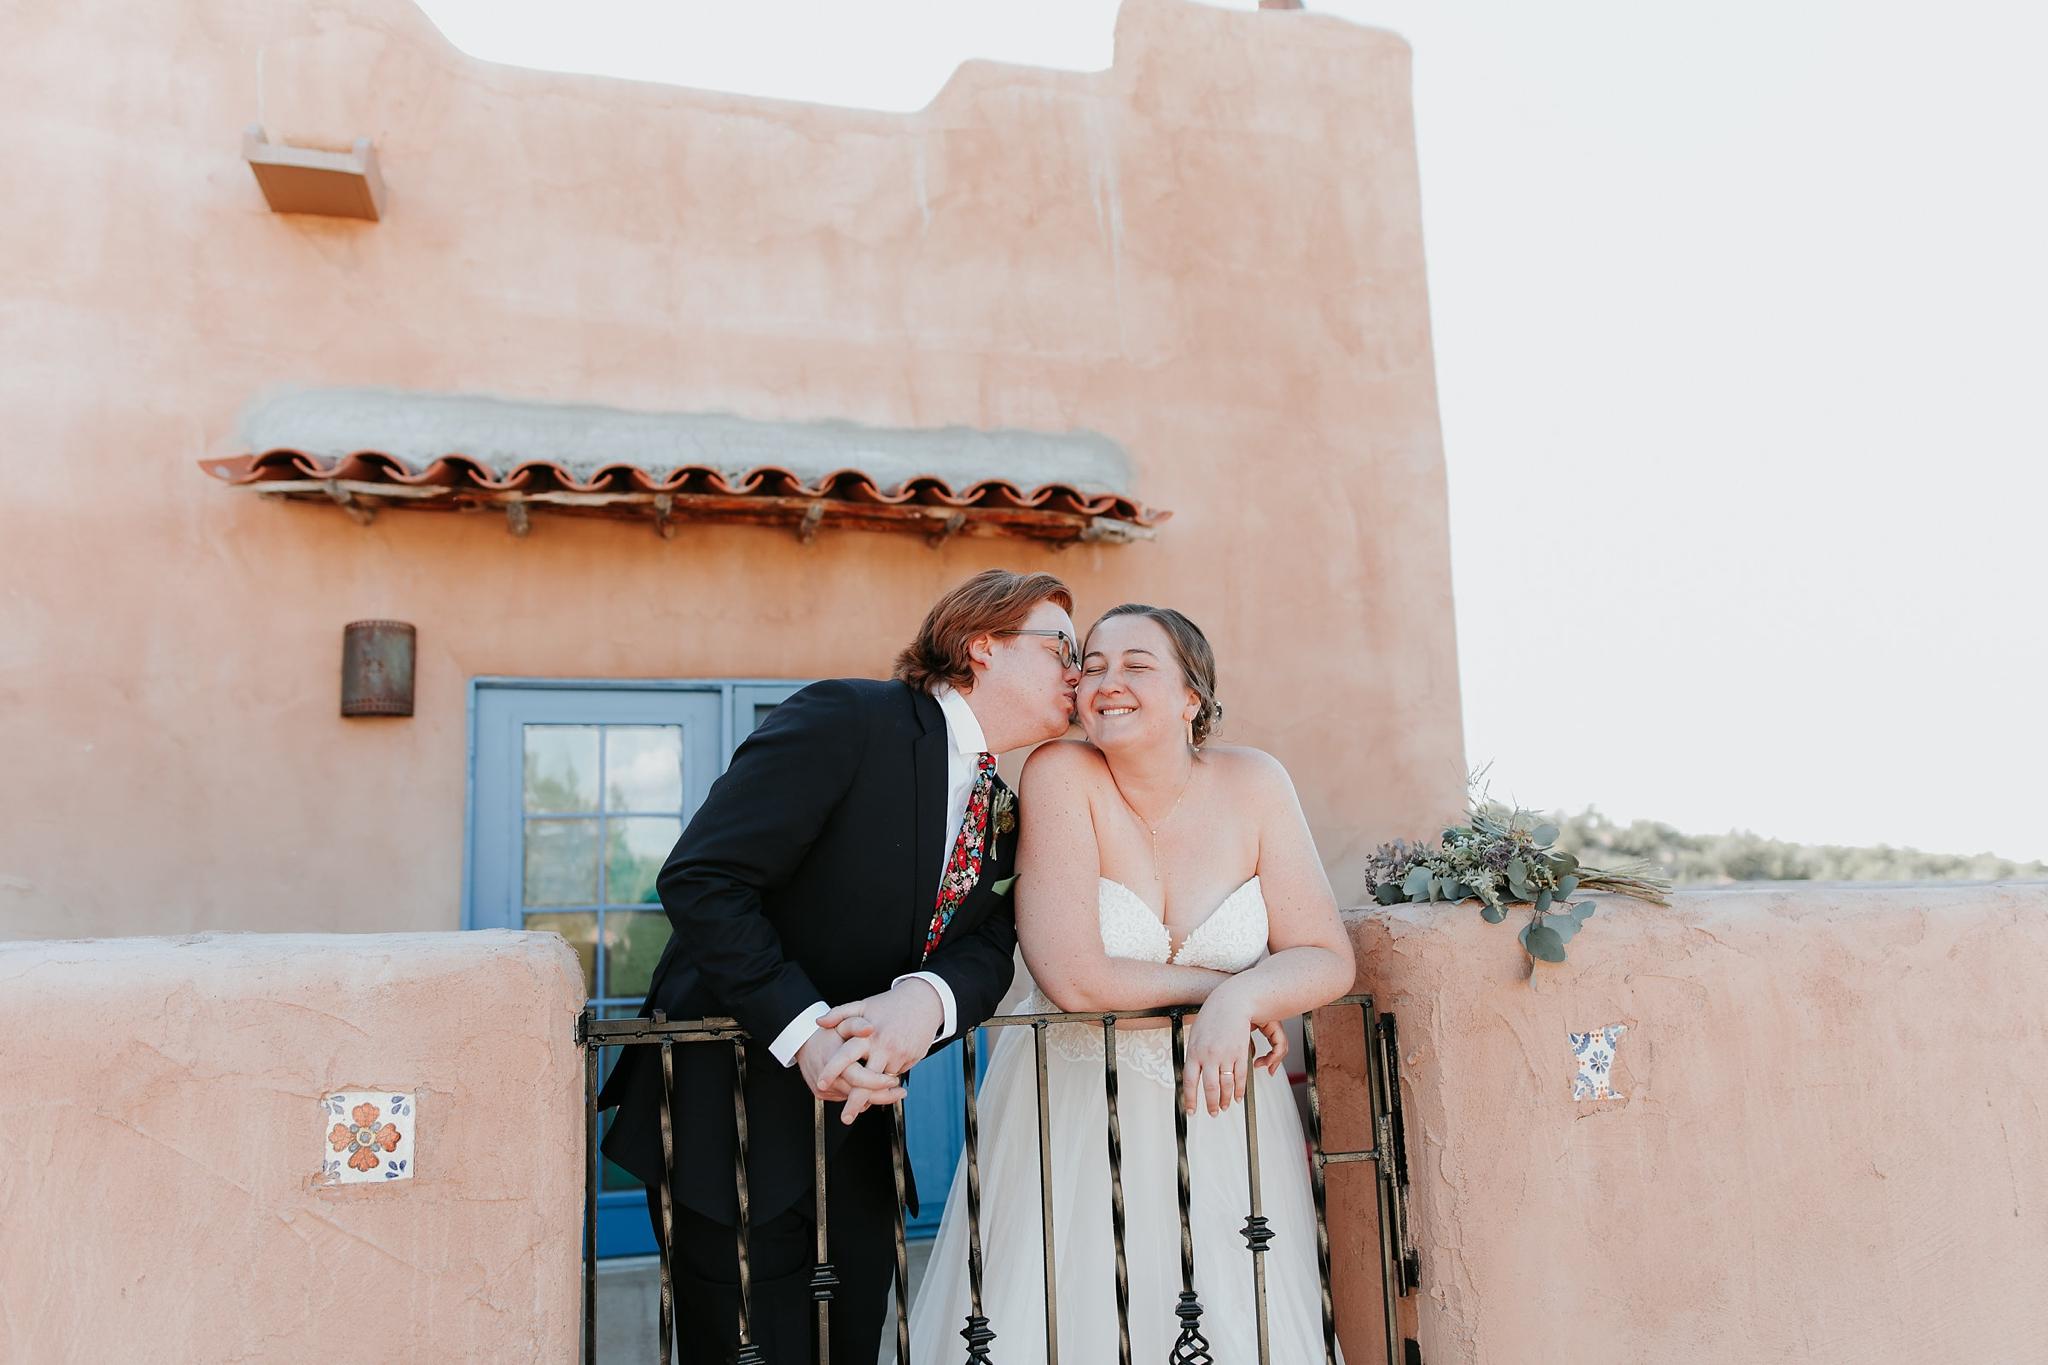 Alicia+lucia+photography+-+albuquerque+wedding+photographer+-+santa+fe+wedding+photography+-+new+mexico+wedding+photographer+-+new+mexico+wedding+-+wedding+venues+-+new+mexico+wedding+venues+-+colorado+wedding+venues_0131.jpg